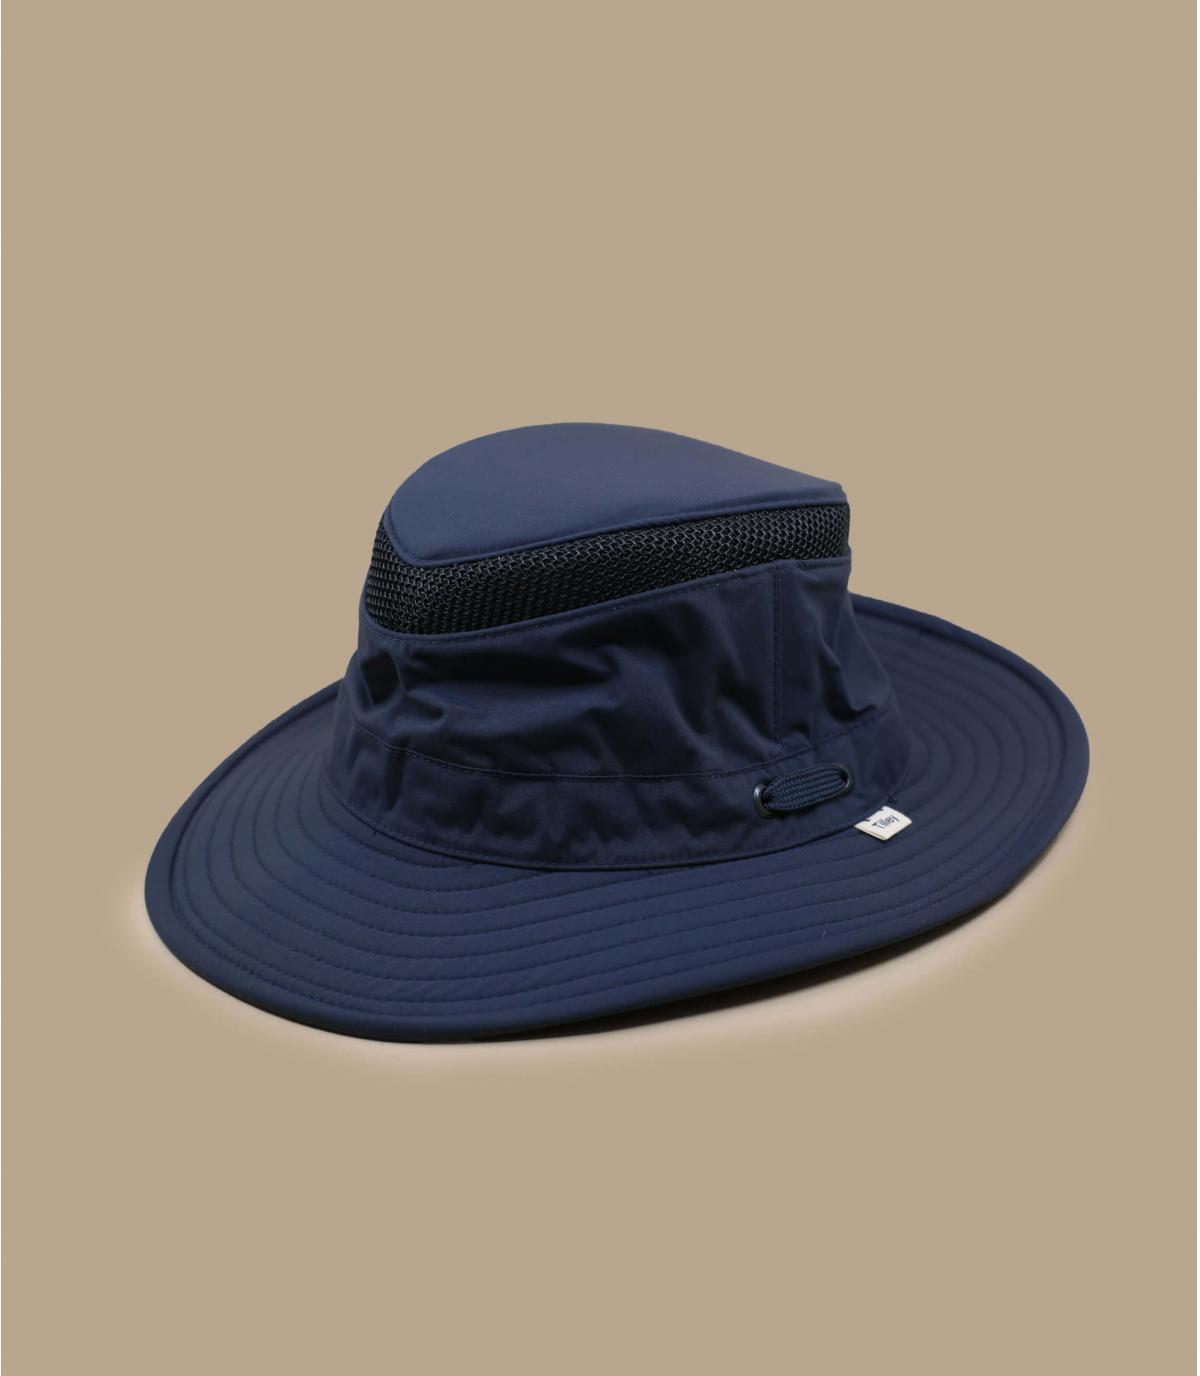 ademende, waterafstotende hoed